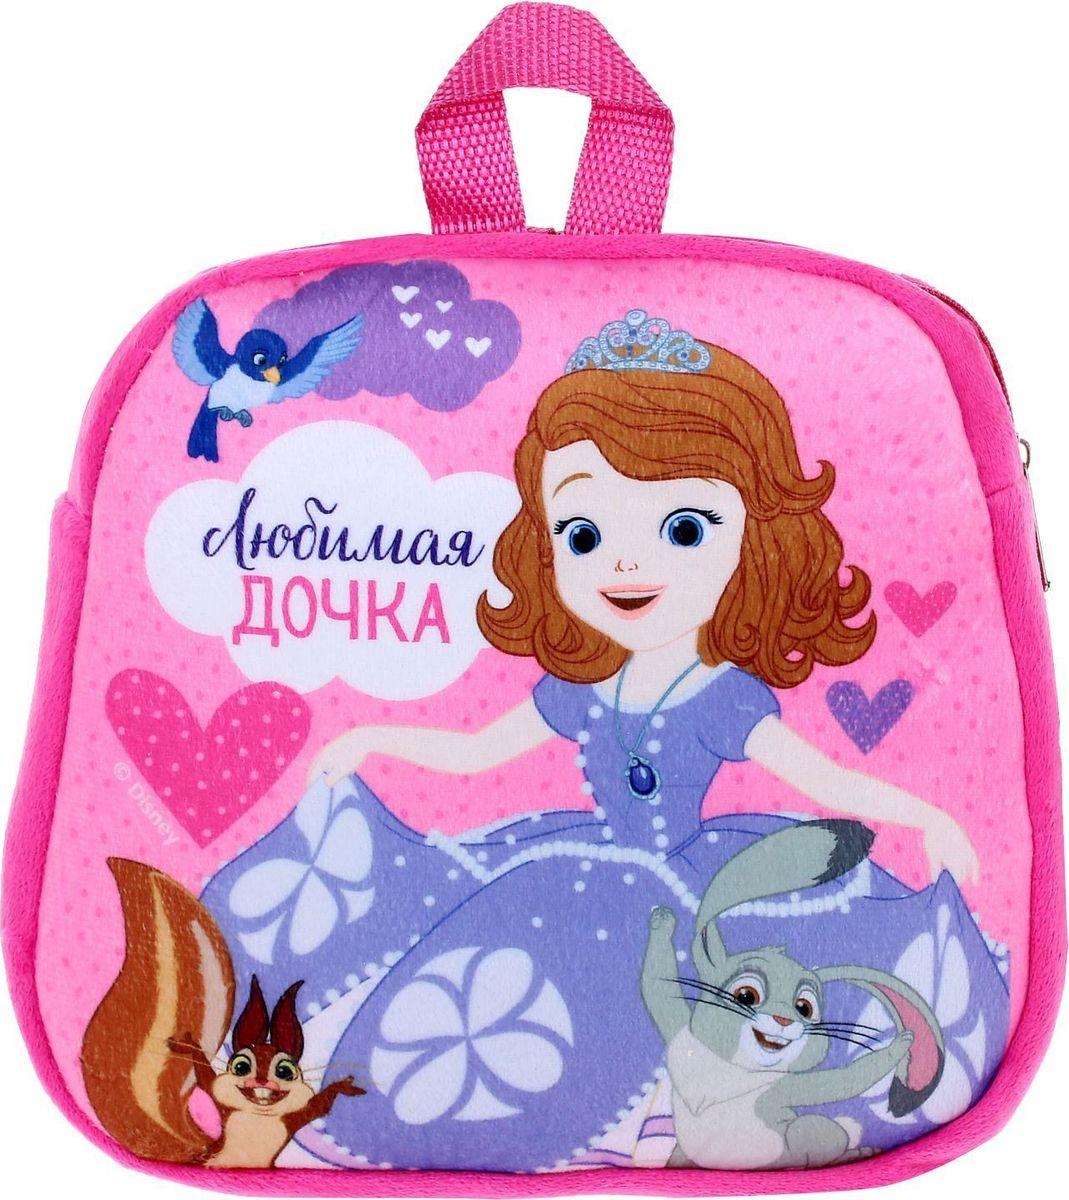 Disney Рюкзак дошкольный София Прекрасная Любимая дочка цвет розовыйRA-677-4/2Детки обожают брать с собой игрушки. Для этого отлично подойдёт небольшой, но вместительный рюкзачок с персонажем Disney!Это не просто сумочка, но и безумно приятная на ощупь игрушка! Каждая вещь изготовлена с любовью из качественного мягкого плюша.Молния надёжно сохранит все вещи внутри, а регулируемые ремешки сделают время, проведённое с любимым героем, ещё комфортнее! Сверху также имеется удобная ручка.Шильдик с незаполненным полем, который прилагается к каждому аксессуару, вы можете использовать как мини-открытку, если покупаете изделие в подарок.Размеры — 24,5 ? 6 х 24,5 см.